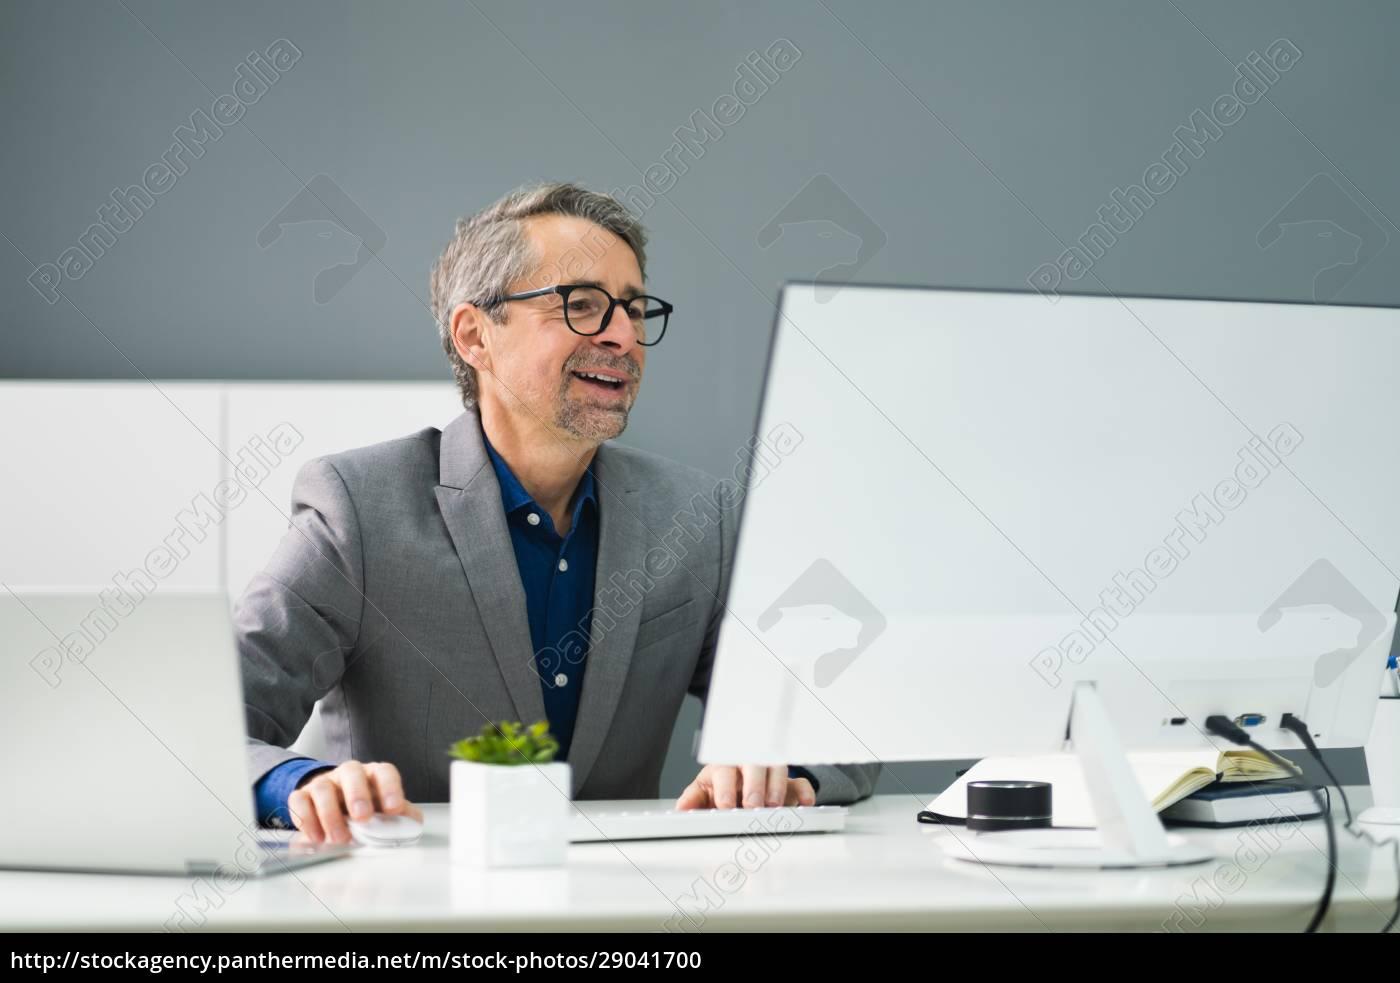 happy, professional, man, dipendente, utilizzando, il - 29041700